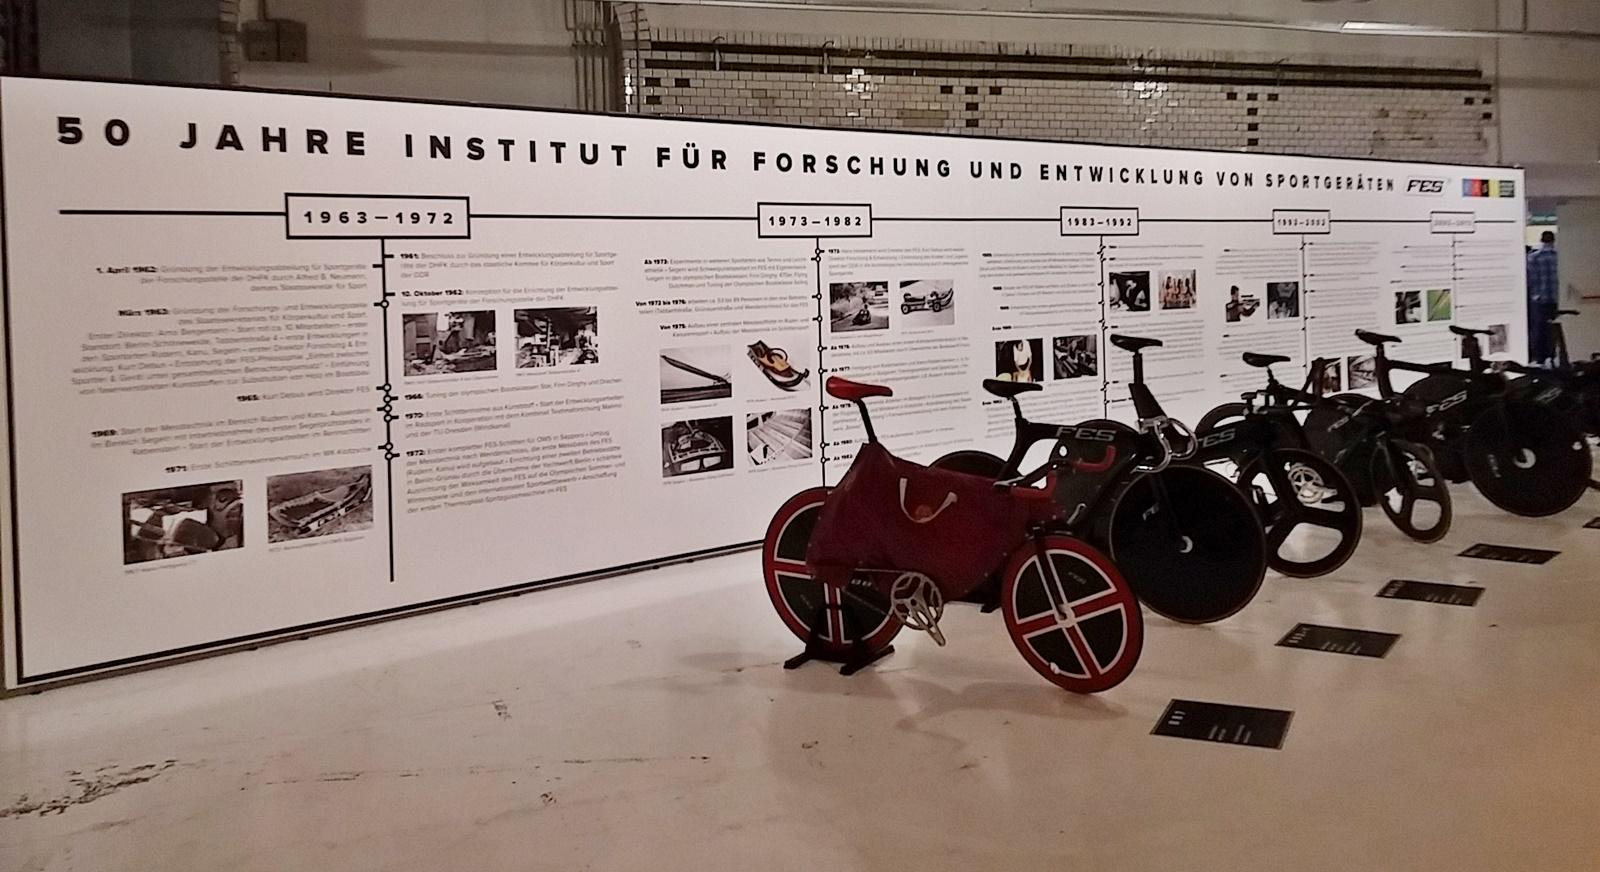 Das Institut für Forschung & Entwicklung von Sportgeräten stellte eigens für deutsche Bahnradprofis hergestellte Räder vor.